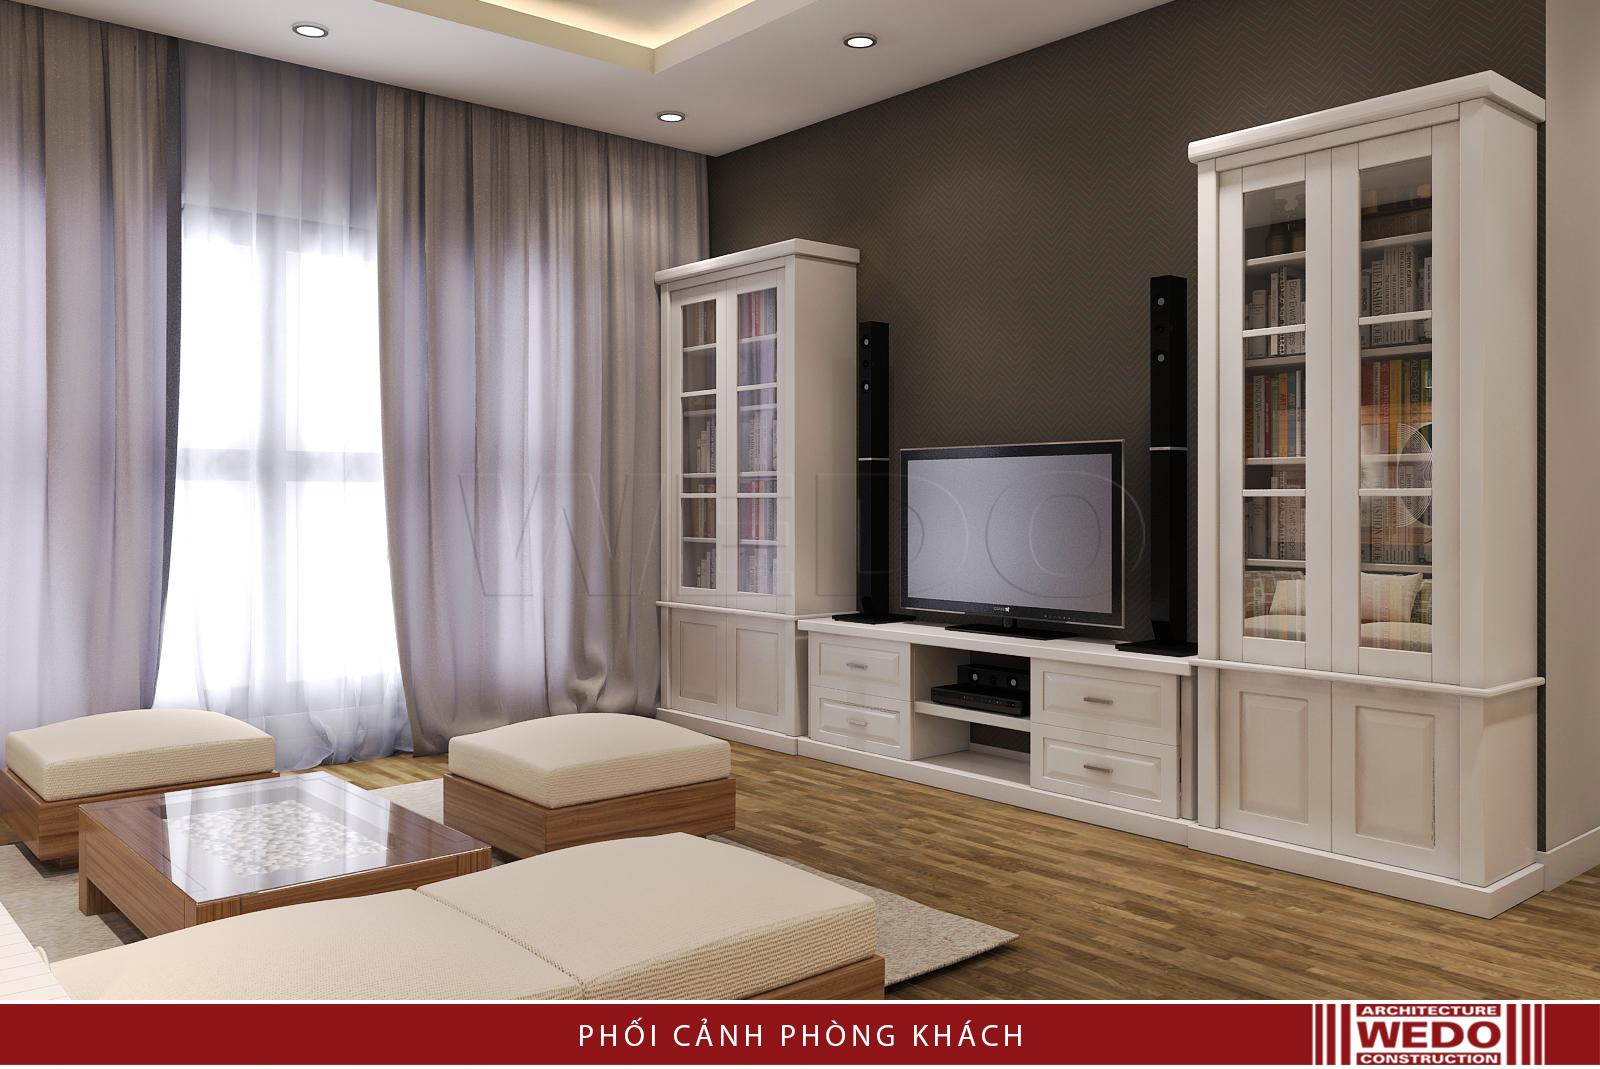 Thiết kế nội thất phòng khách chung cư Mulberry Lane